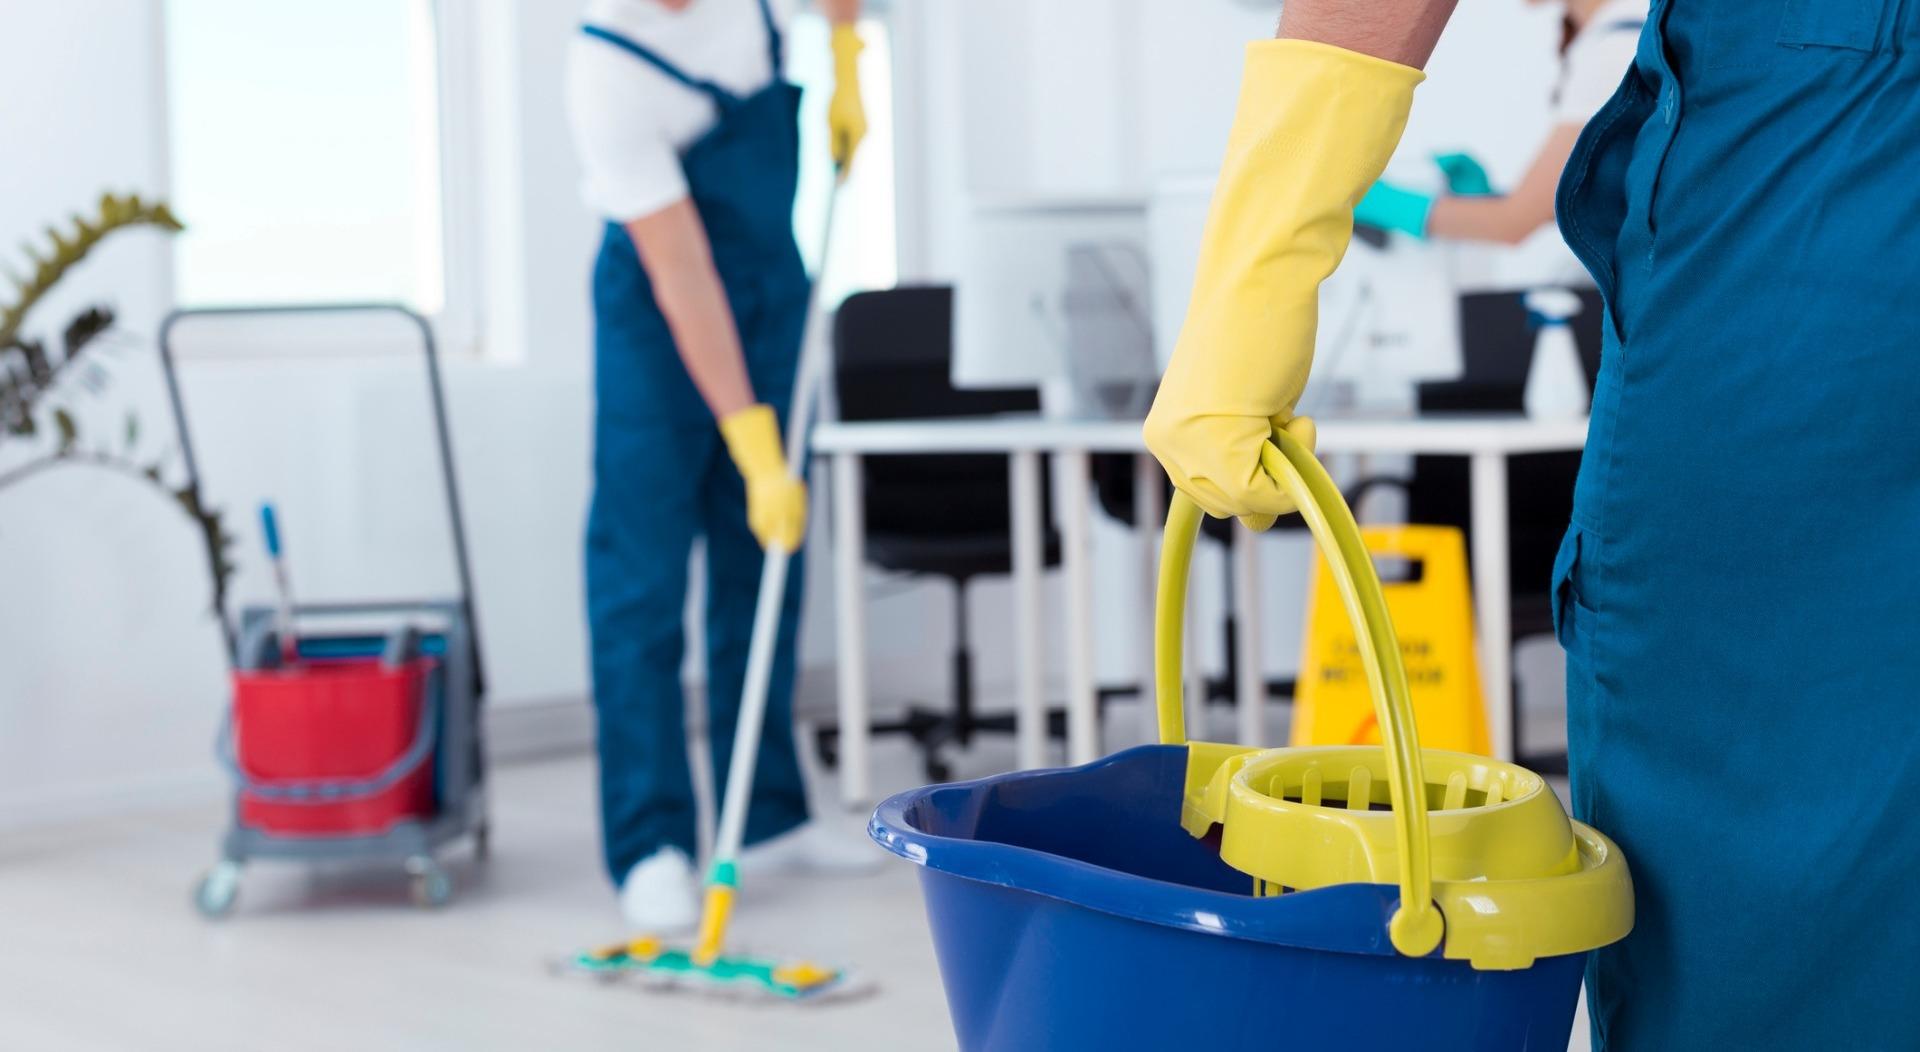 Darbuotojai atliekantys valymo, bei švaros priežiūros darbus